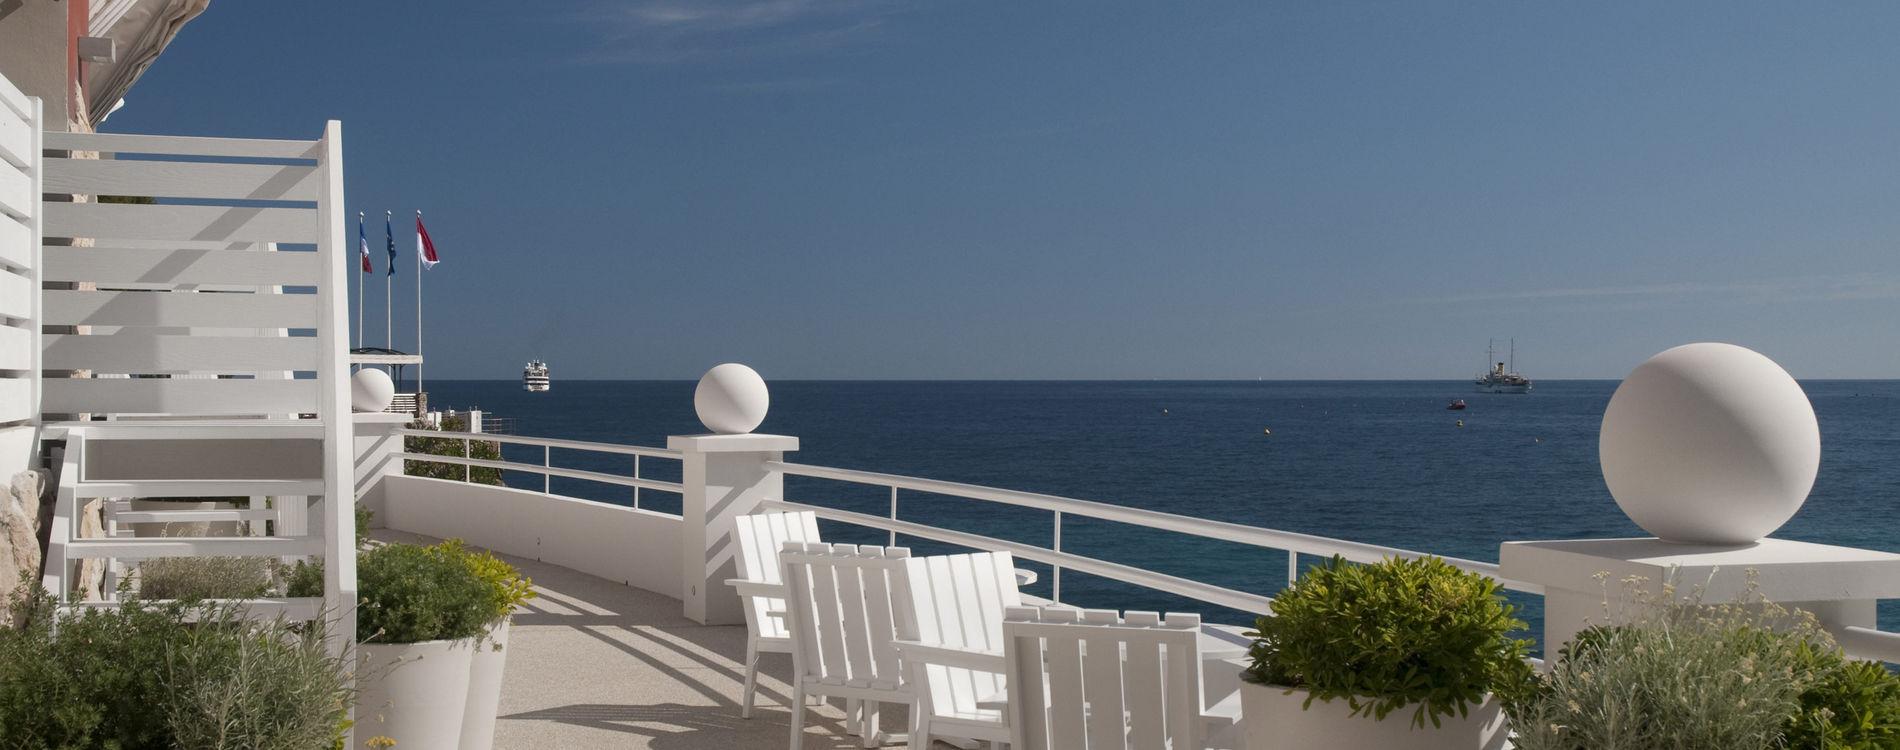 Expérience Shopping à Monaco : le style Yacht Club